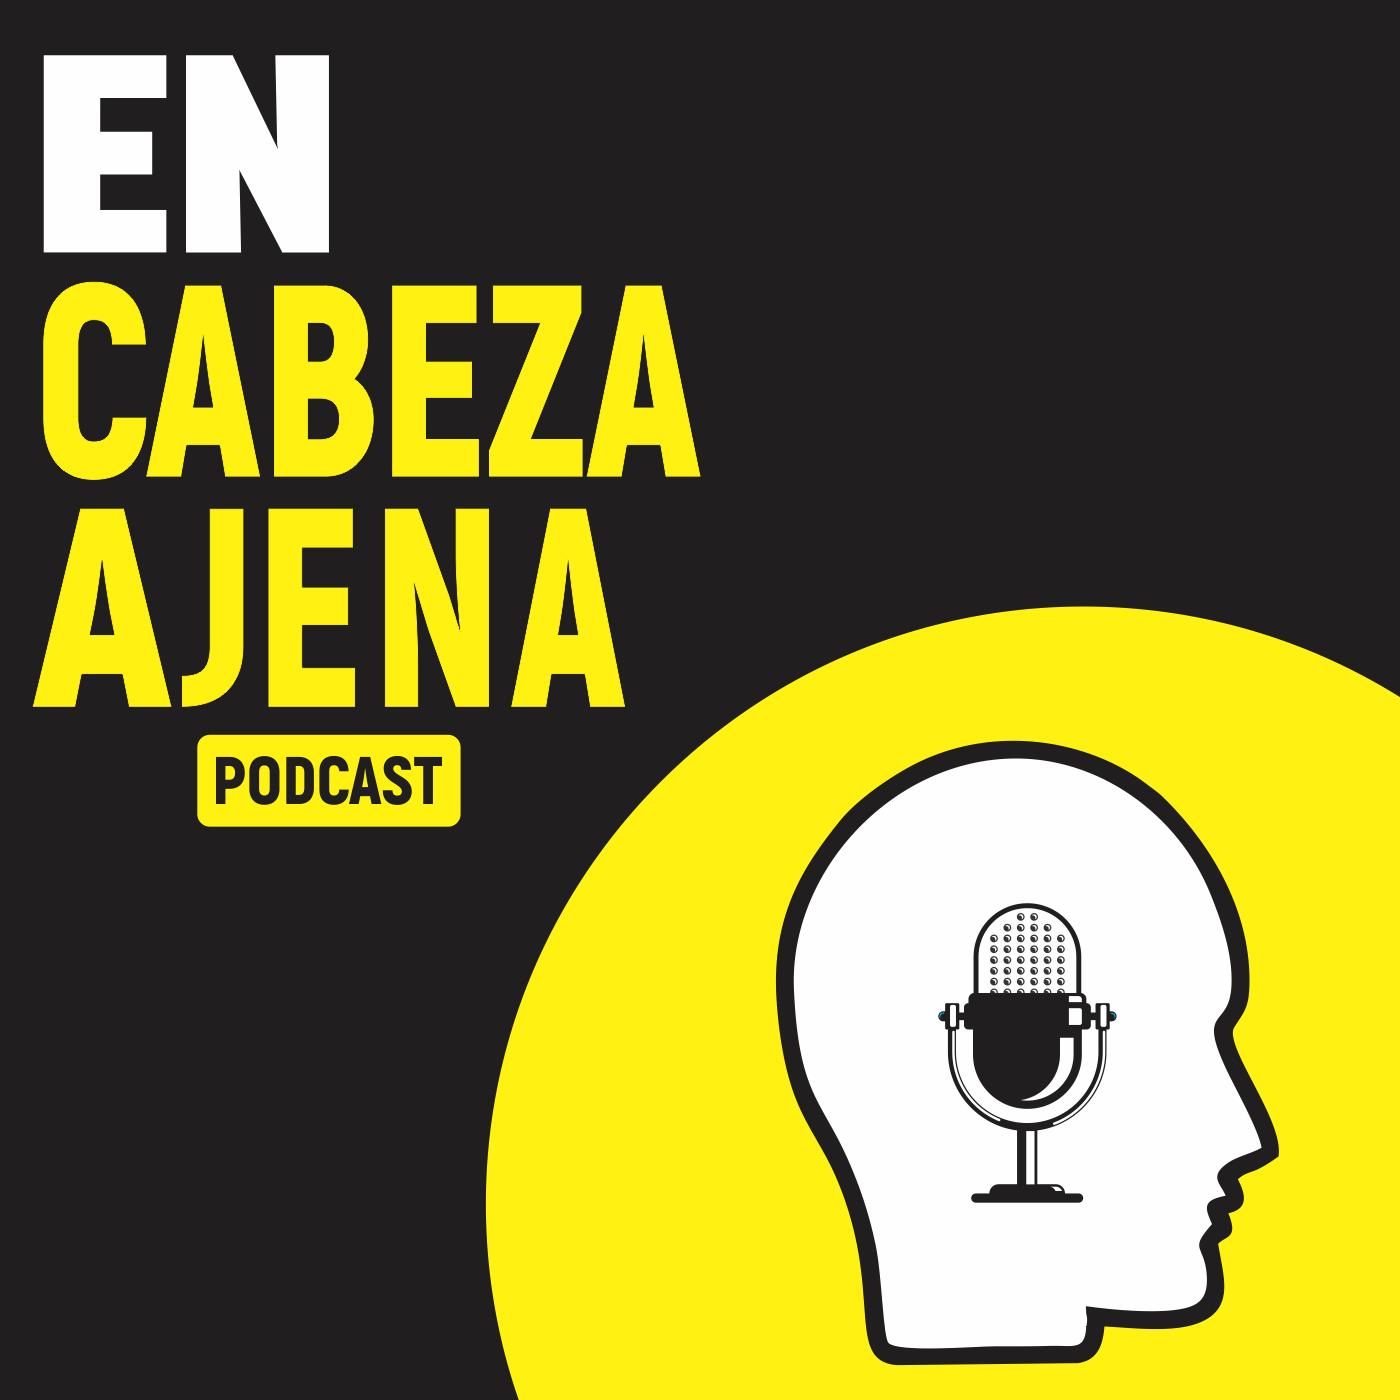 En Cabeza Ajena